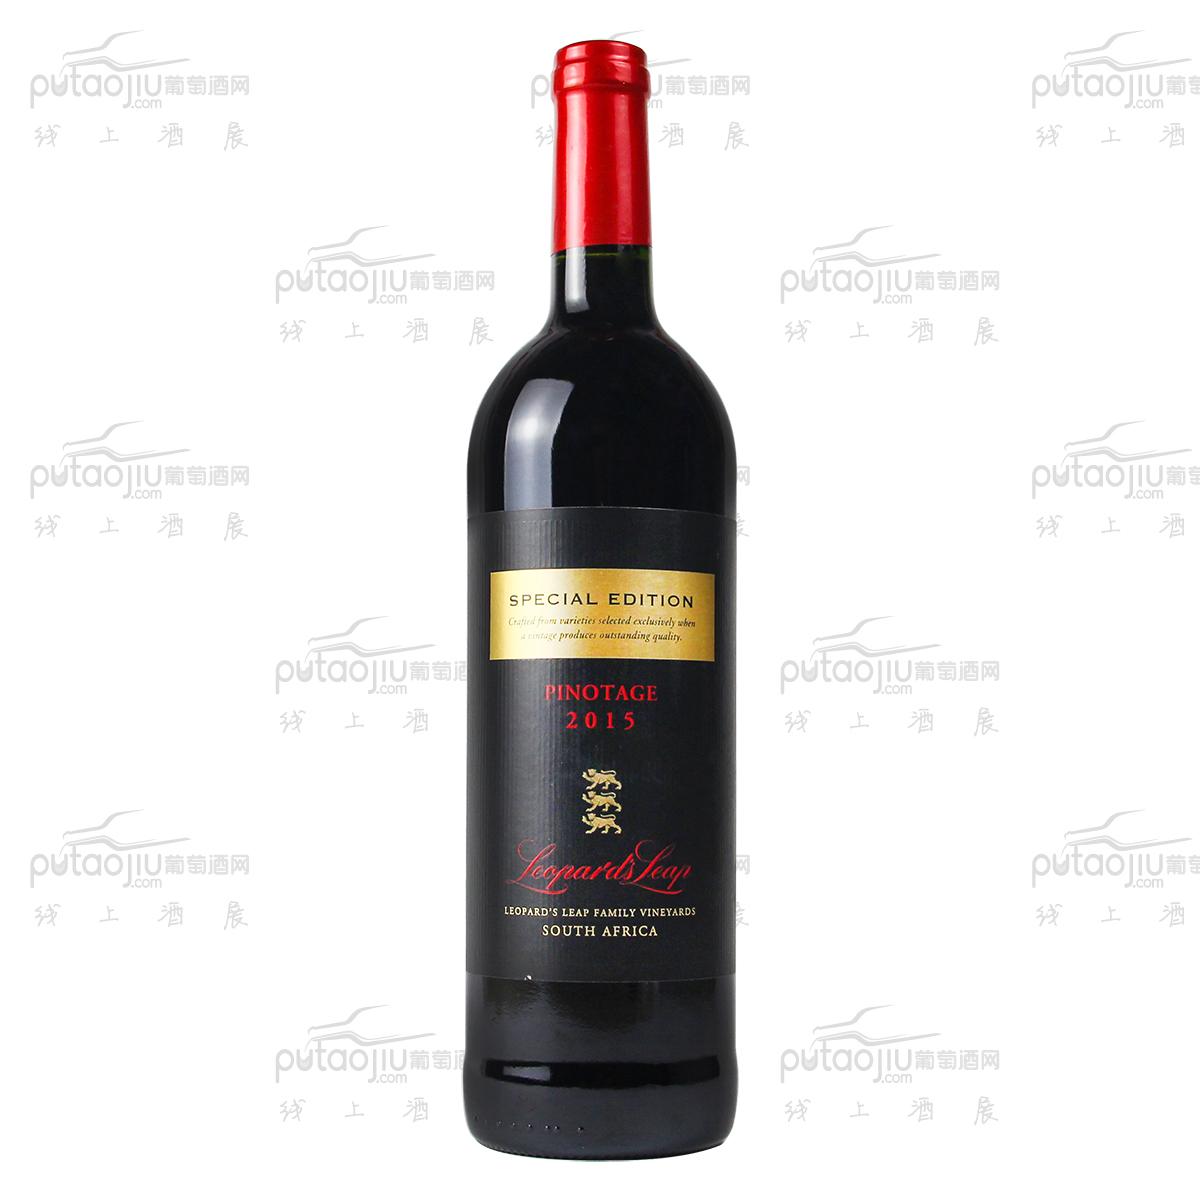 南非西开普省猎豹酒庄皮诺塔齐特别版干红葡萄酒